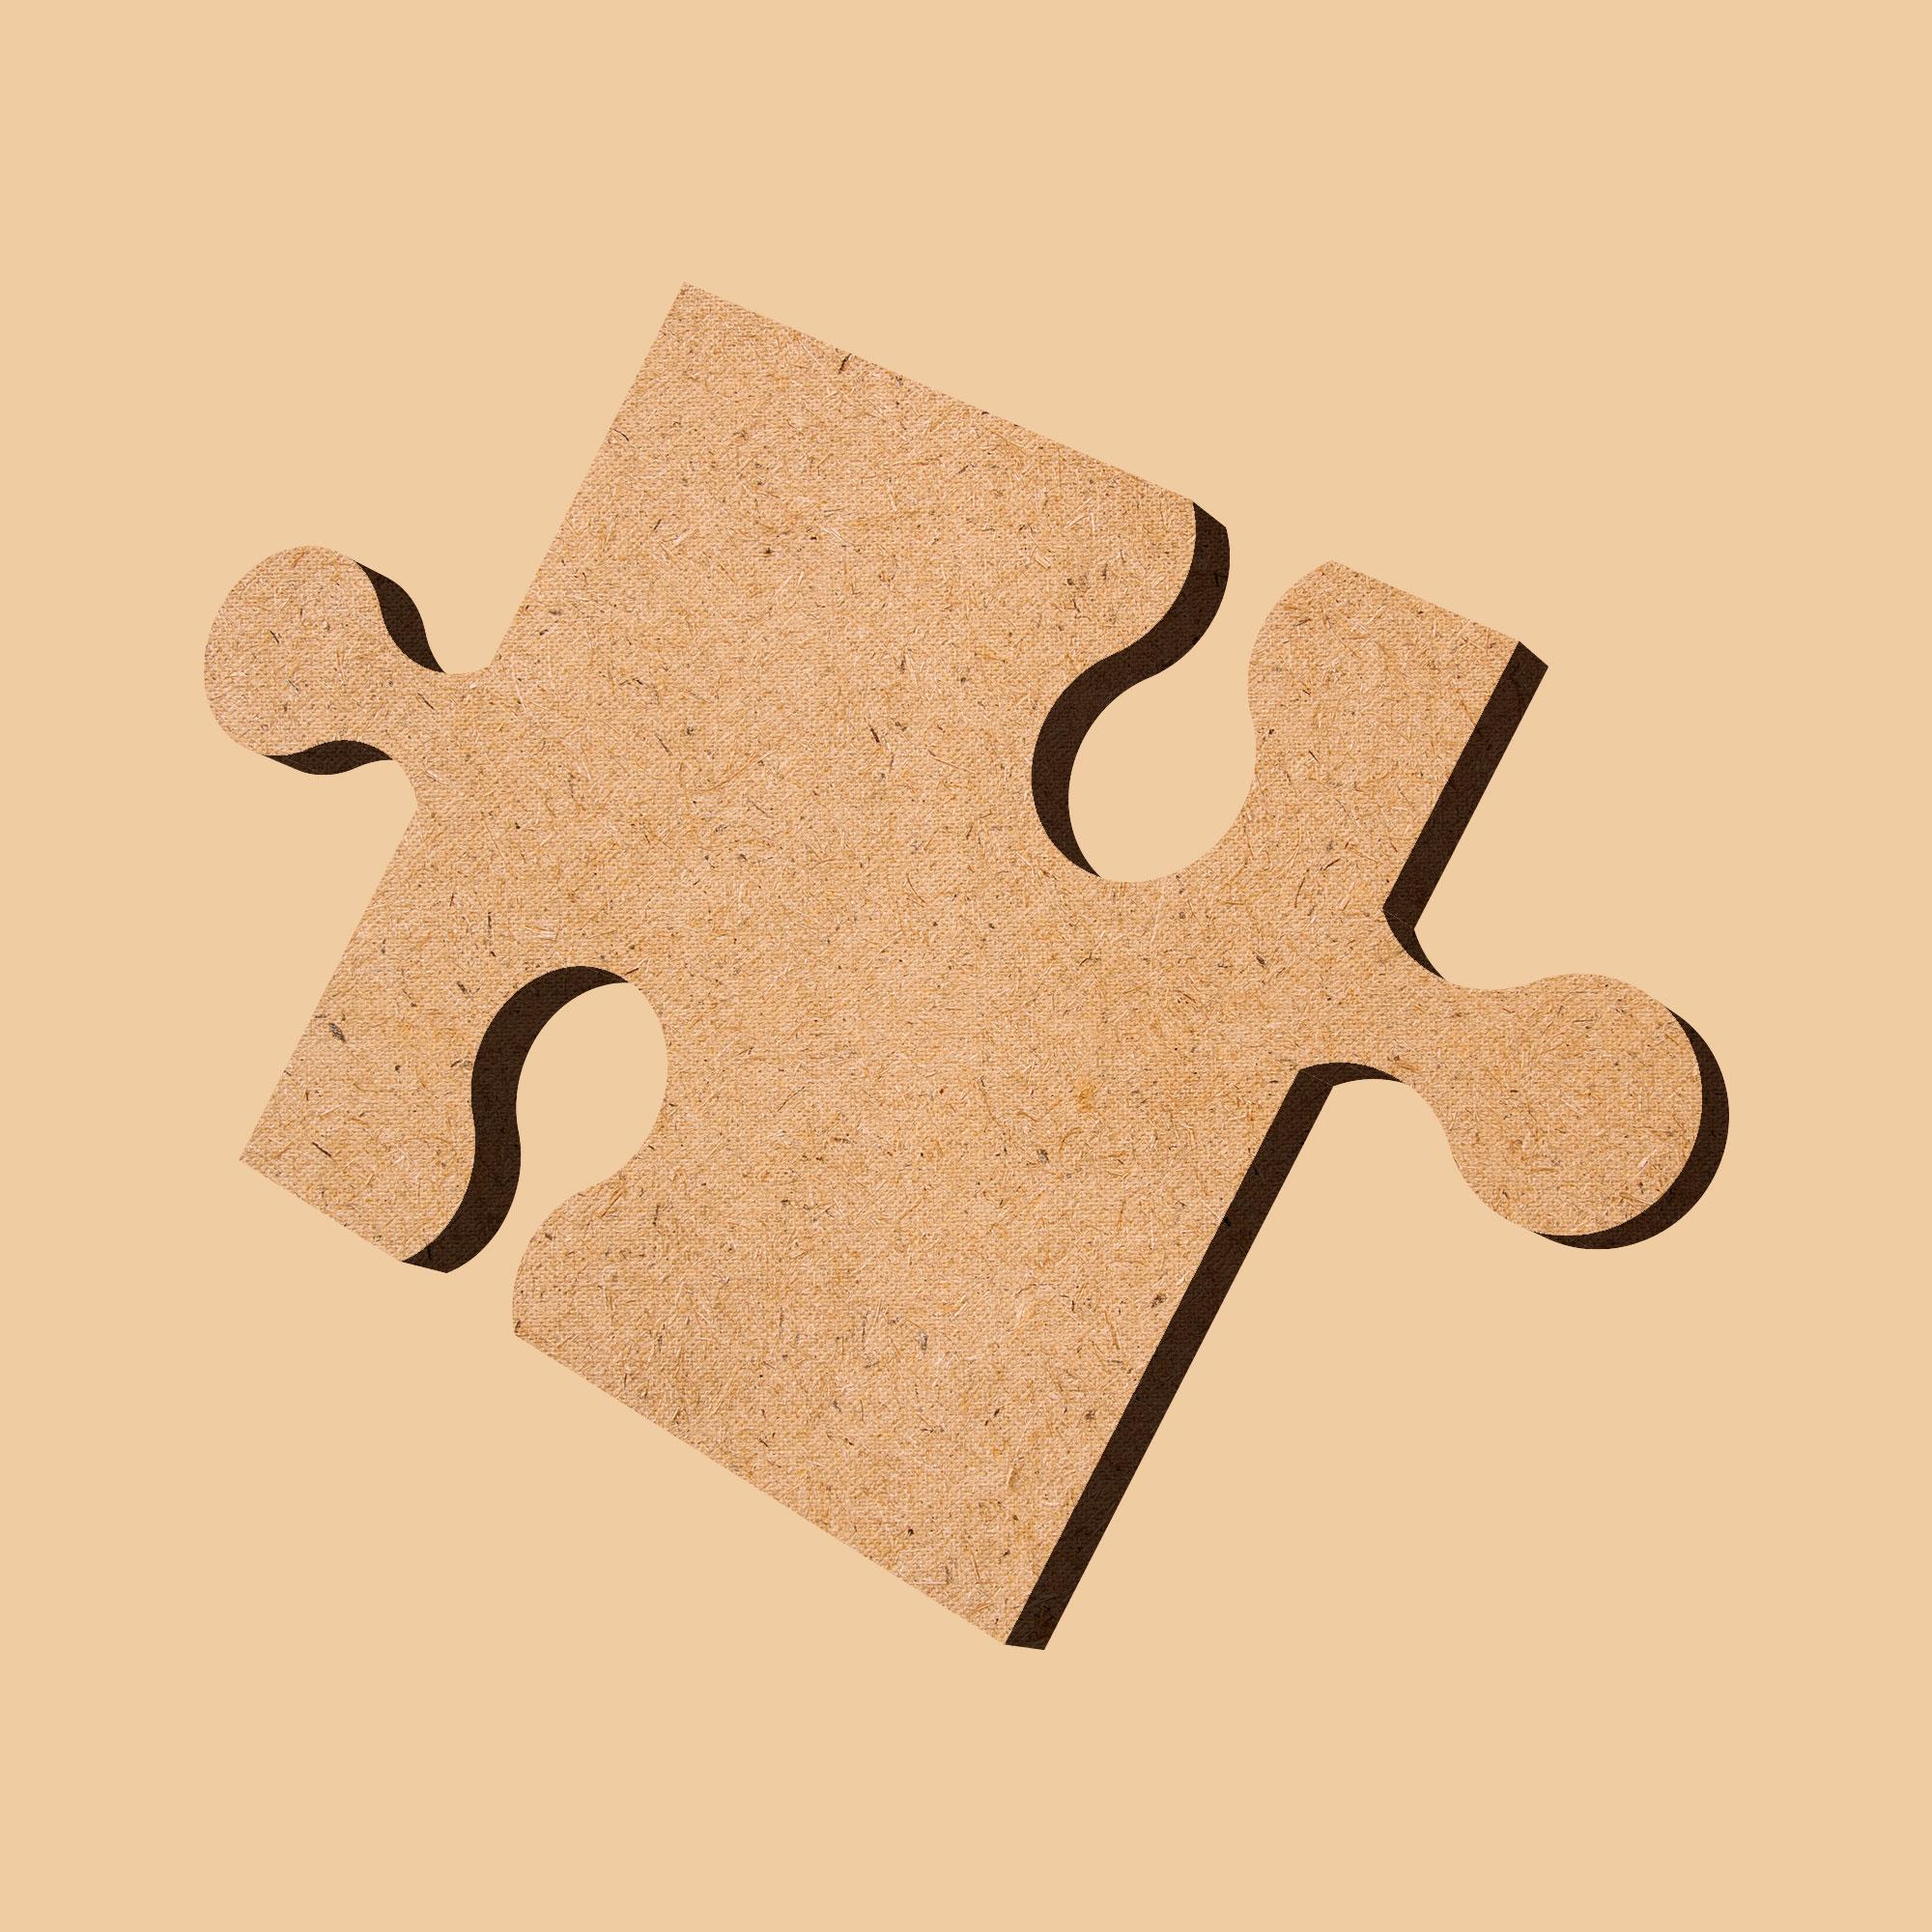 stukjes_product_homemobile